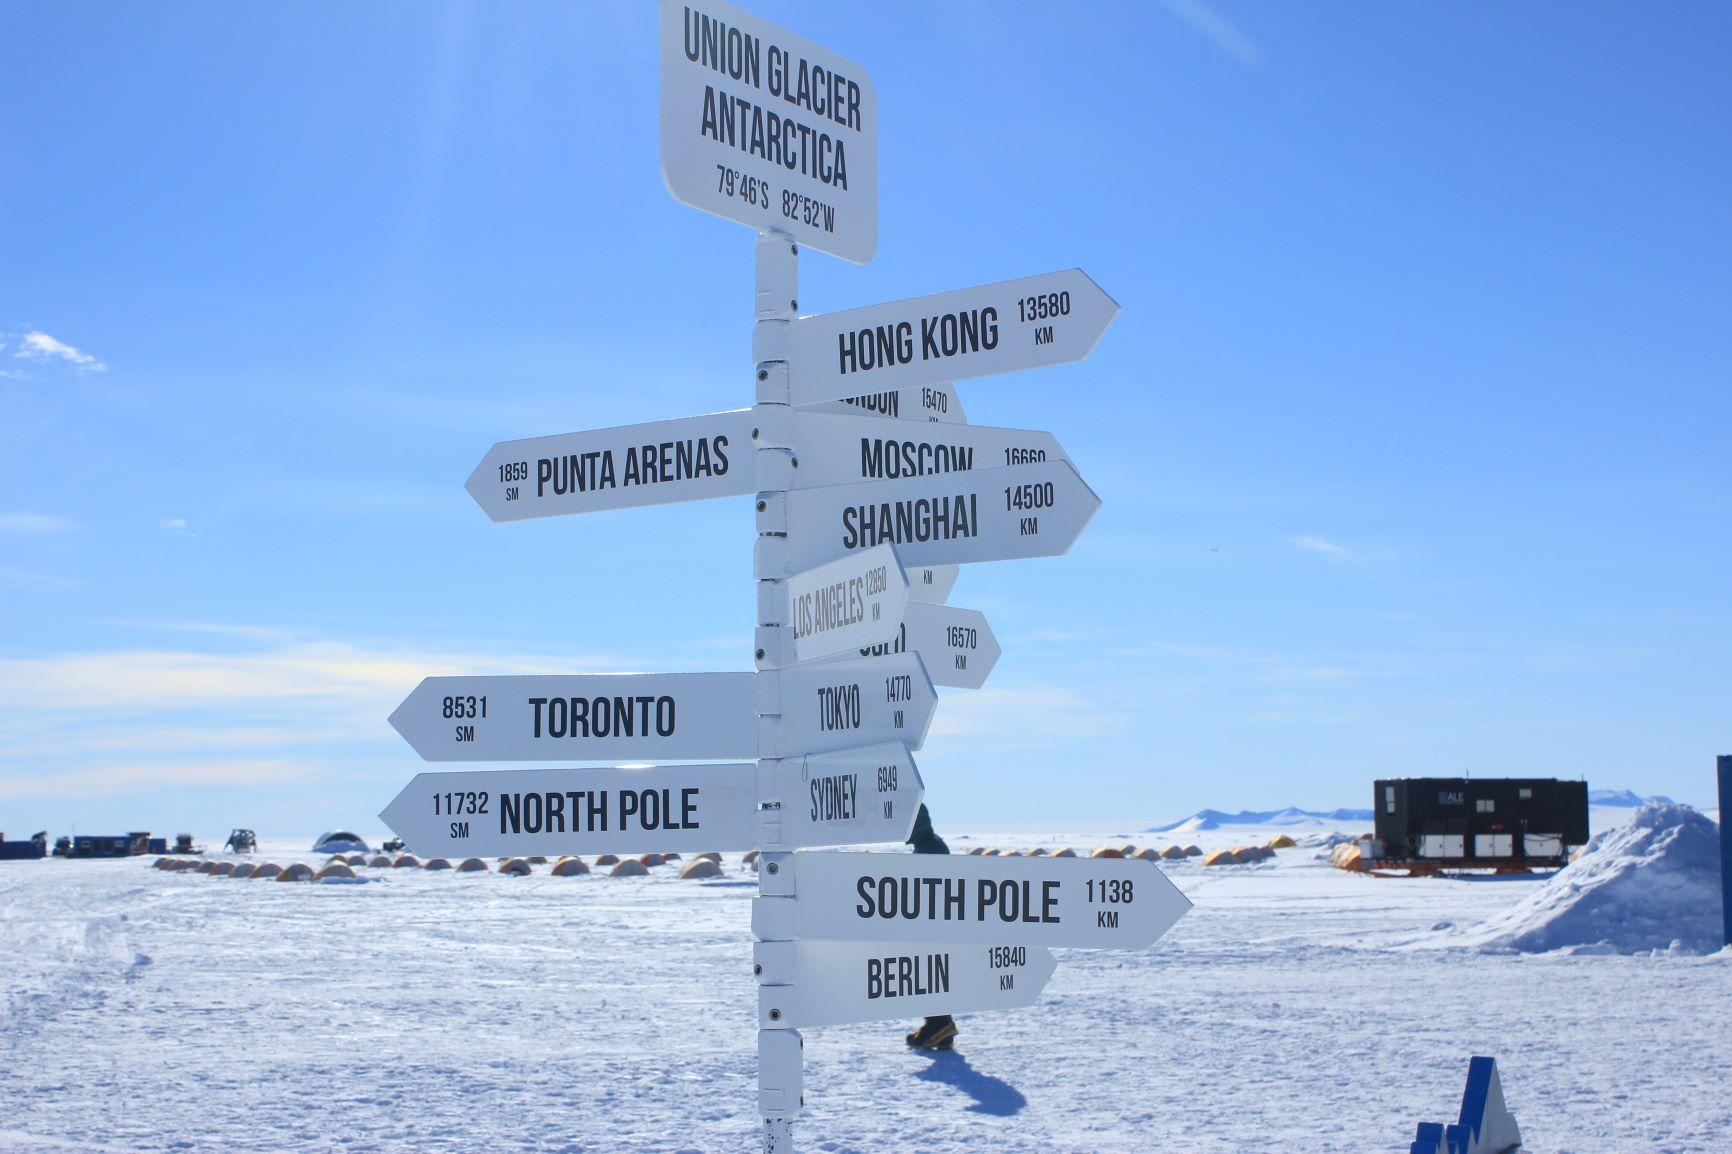 ユニオングレーシャキャンプは南緯79度に